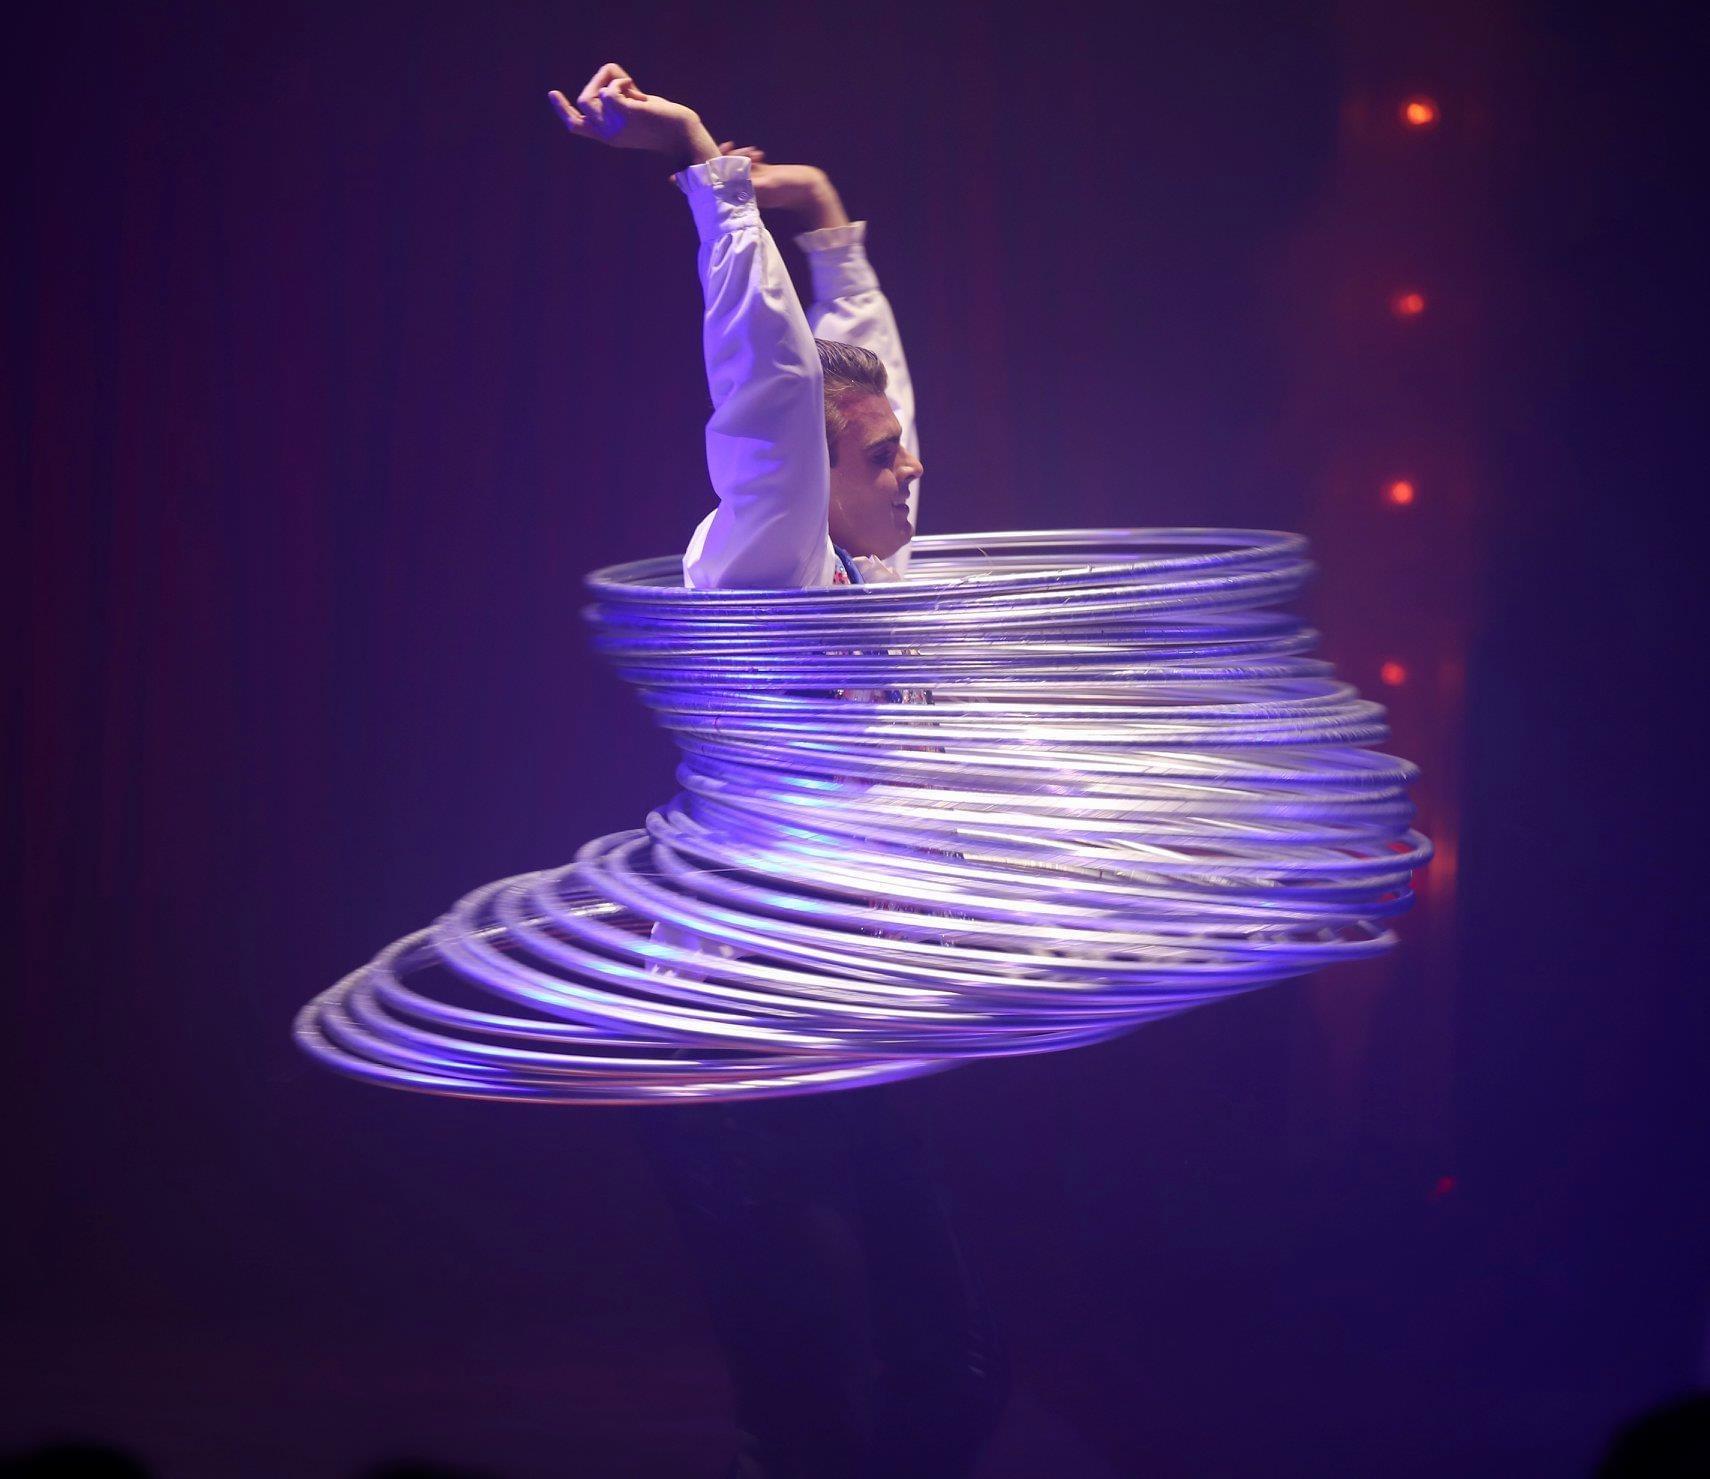 Benjamin Flame, a real passionate circus performer